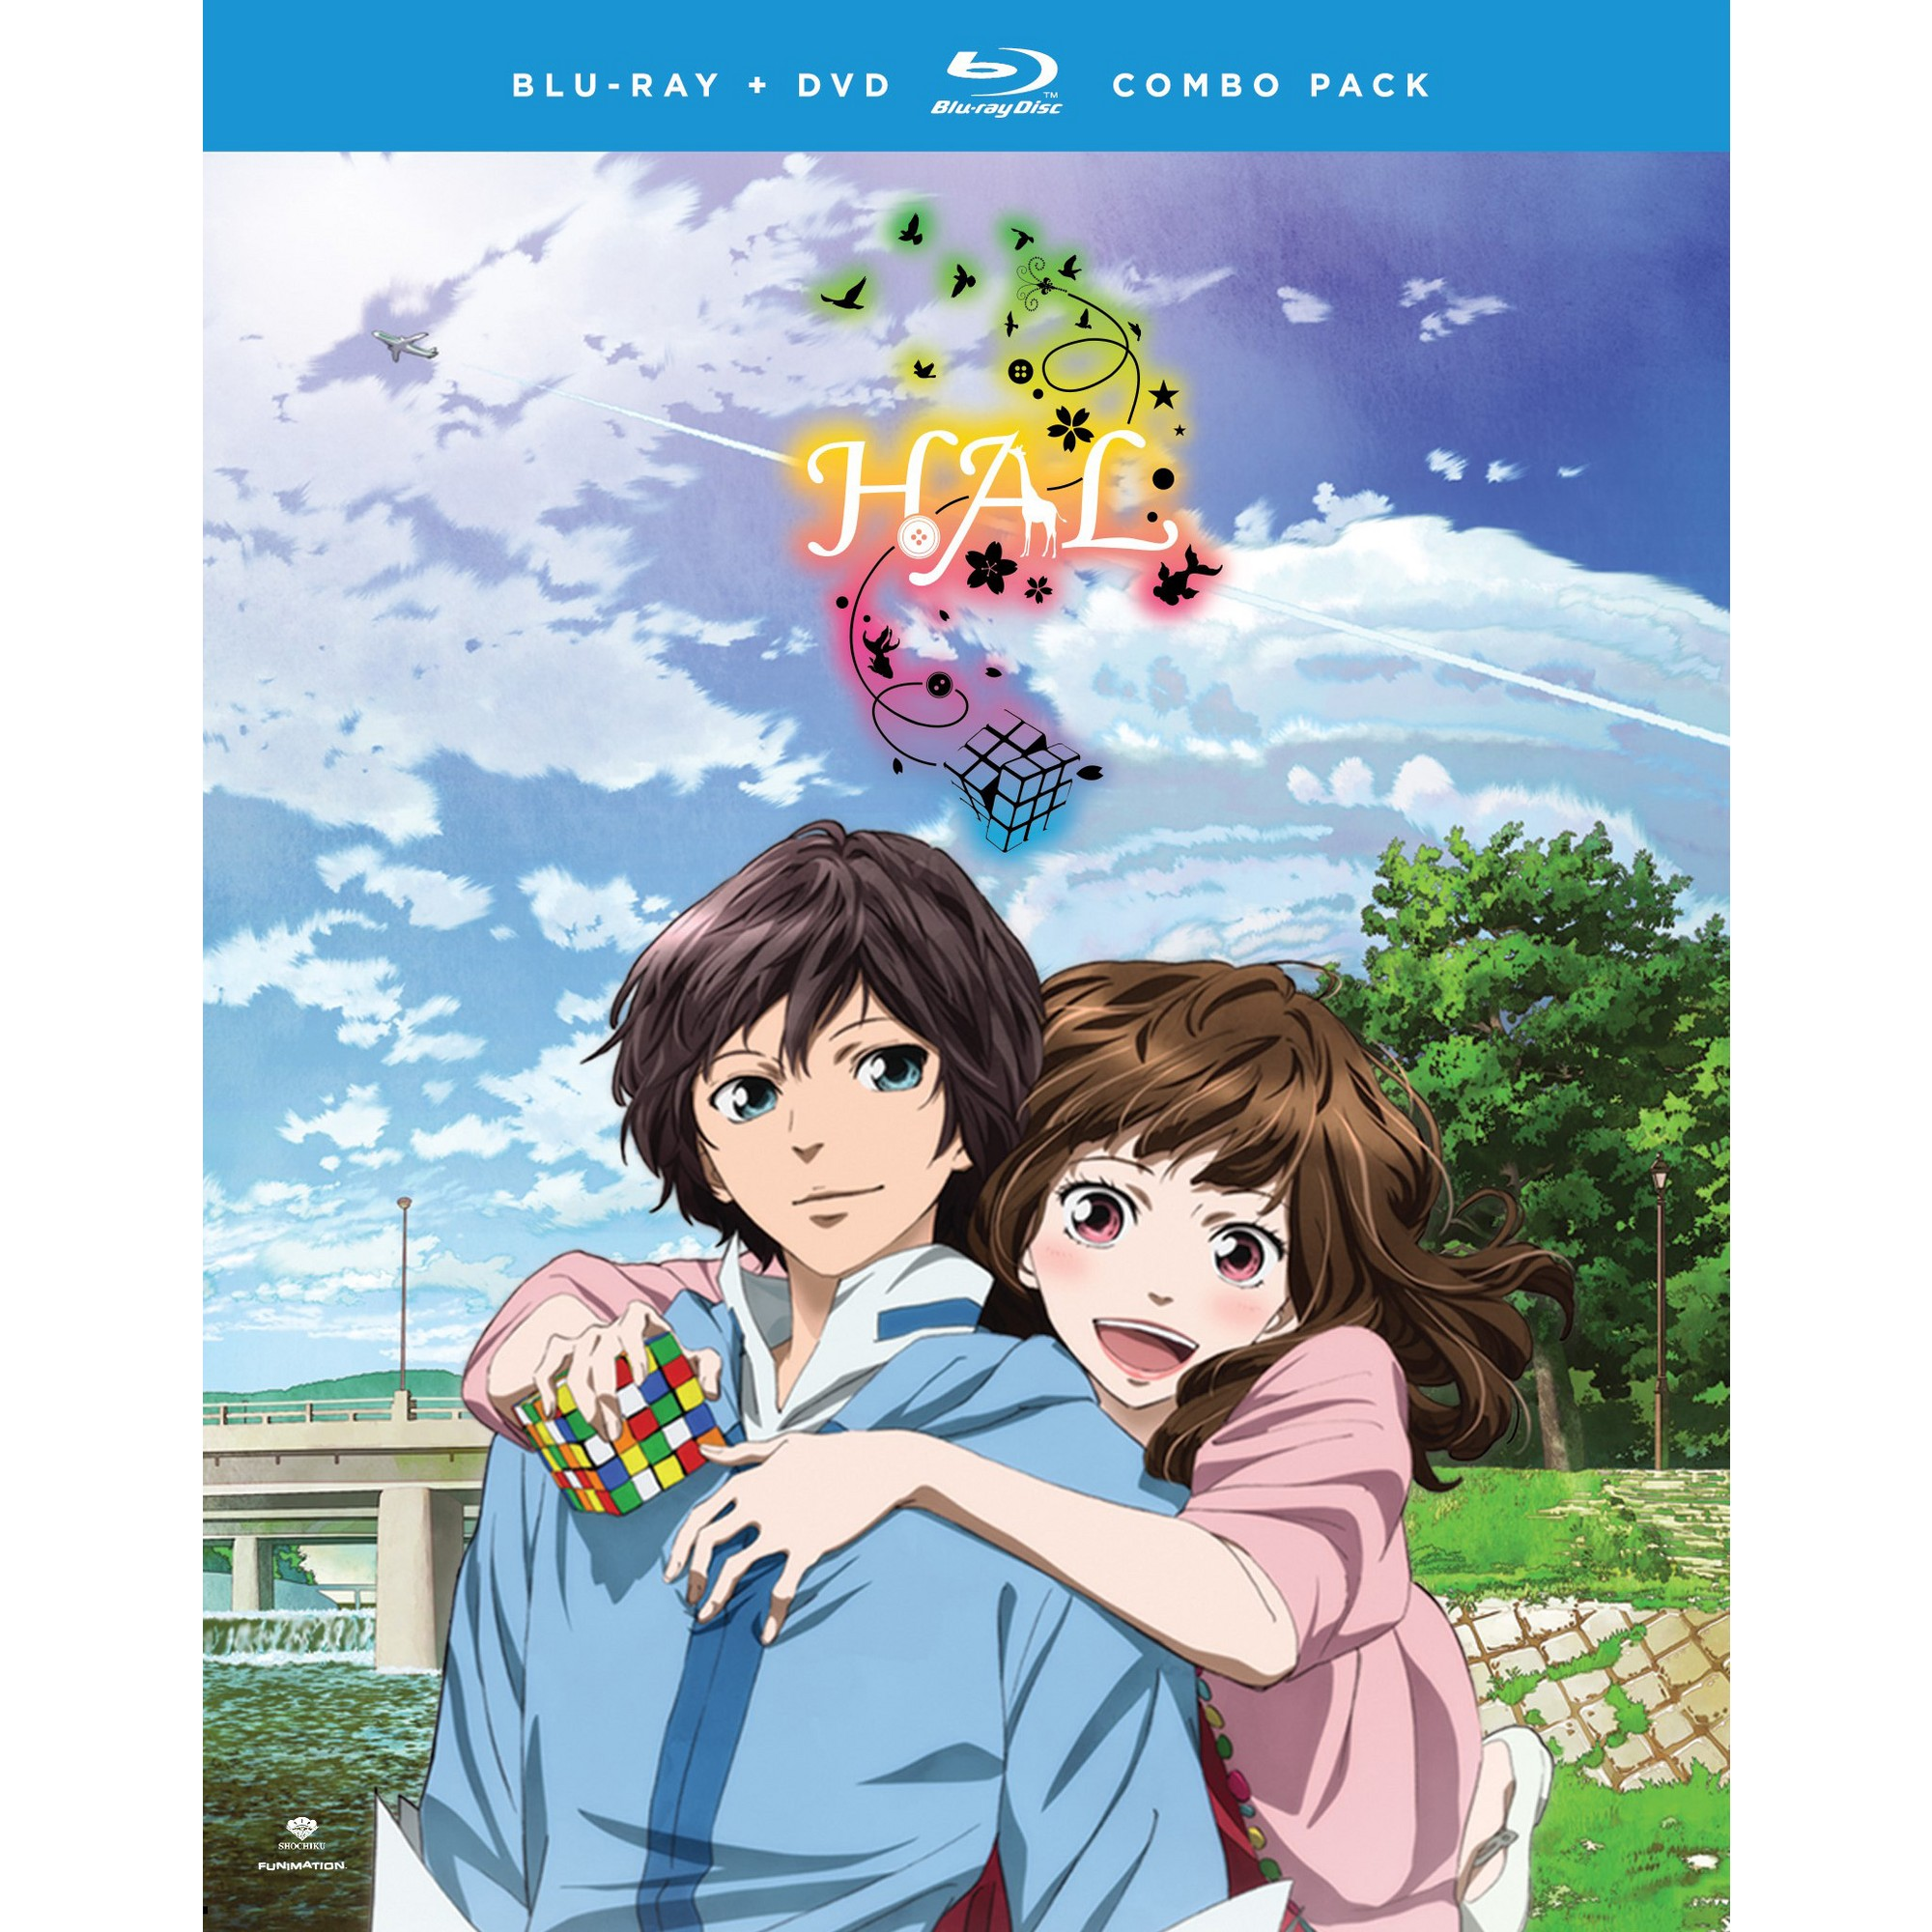 HalMovie (Bluray), Movies Anime films, Anime, Anime